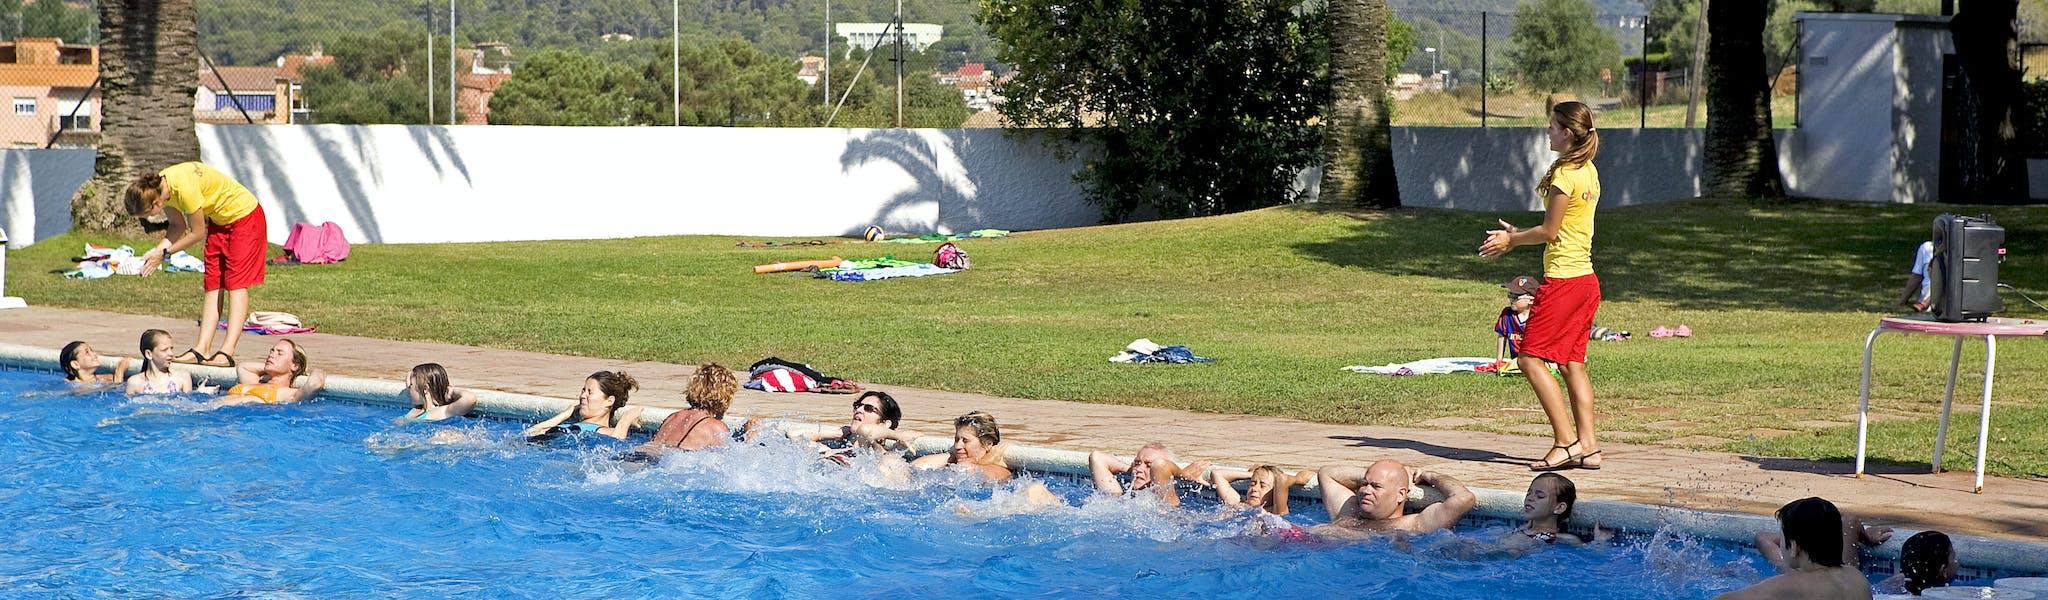 Camping Internacional Palamos aquagym